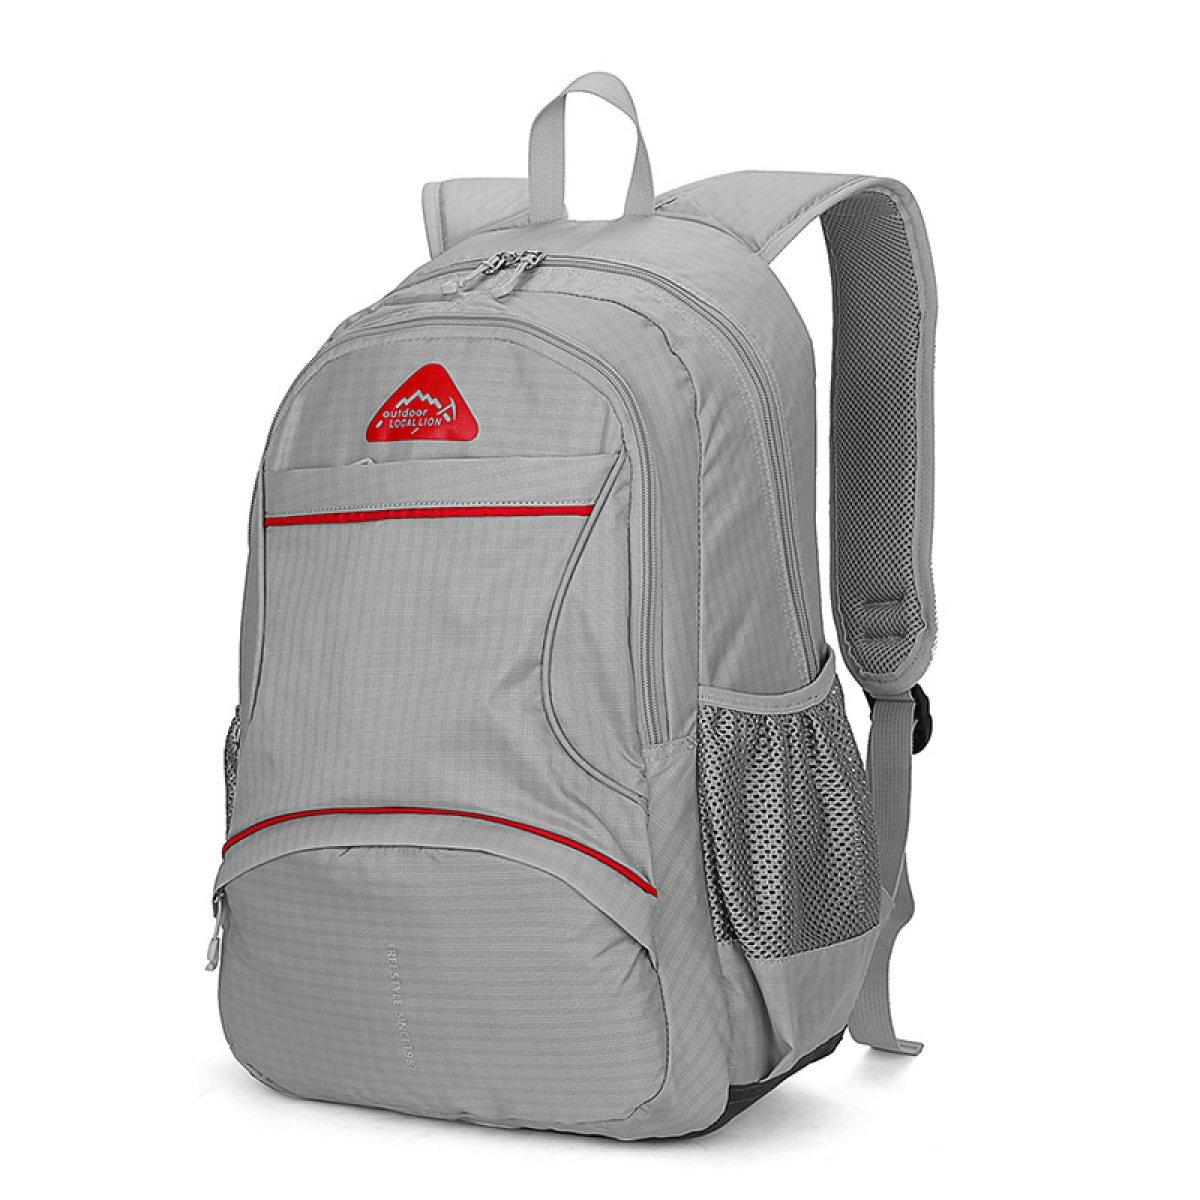 BULAGE Tasche Reisen Schultern Freizeit Natur Mode Große Kapazität Männer Und Frauen Schultaschen Sport Student Wandern Ausgehen Computer